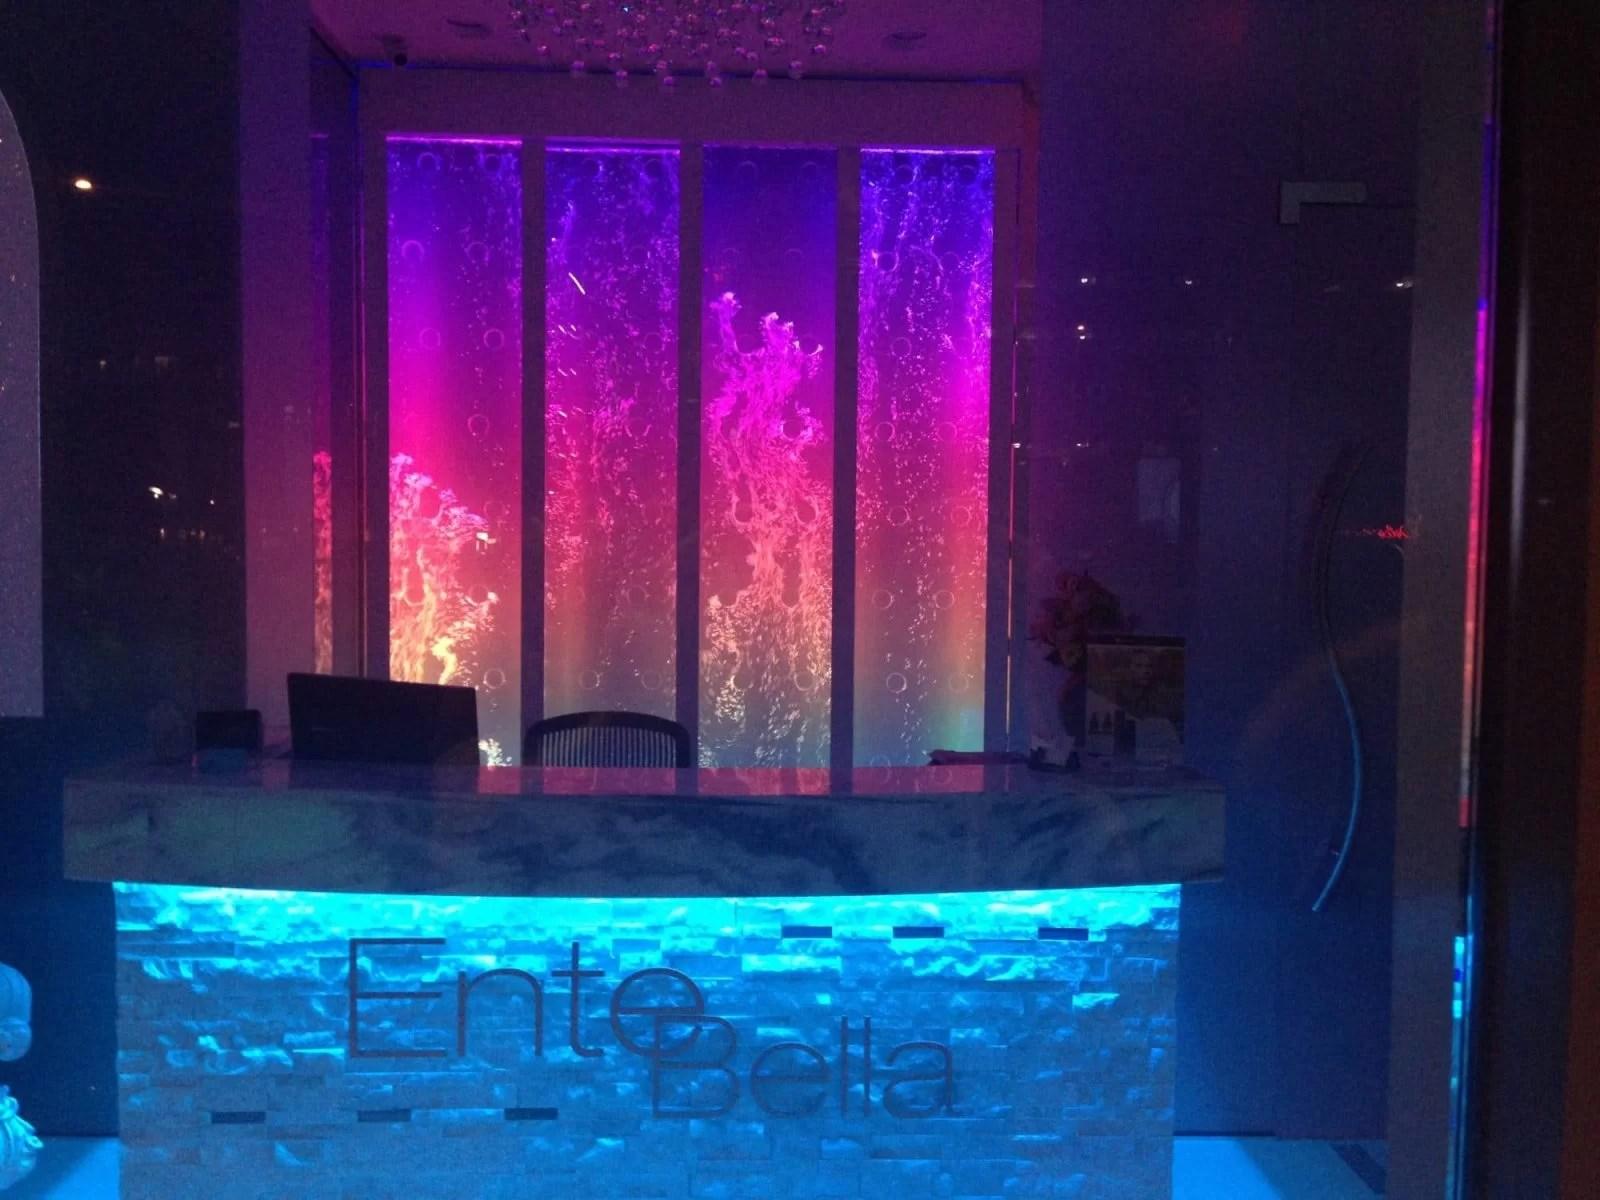 Swirley Rod Bubble Wall at Ente Bella Spa in Scottsdale AZ 5